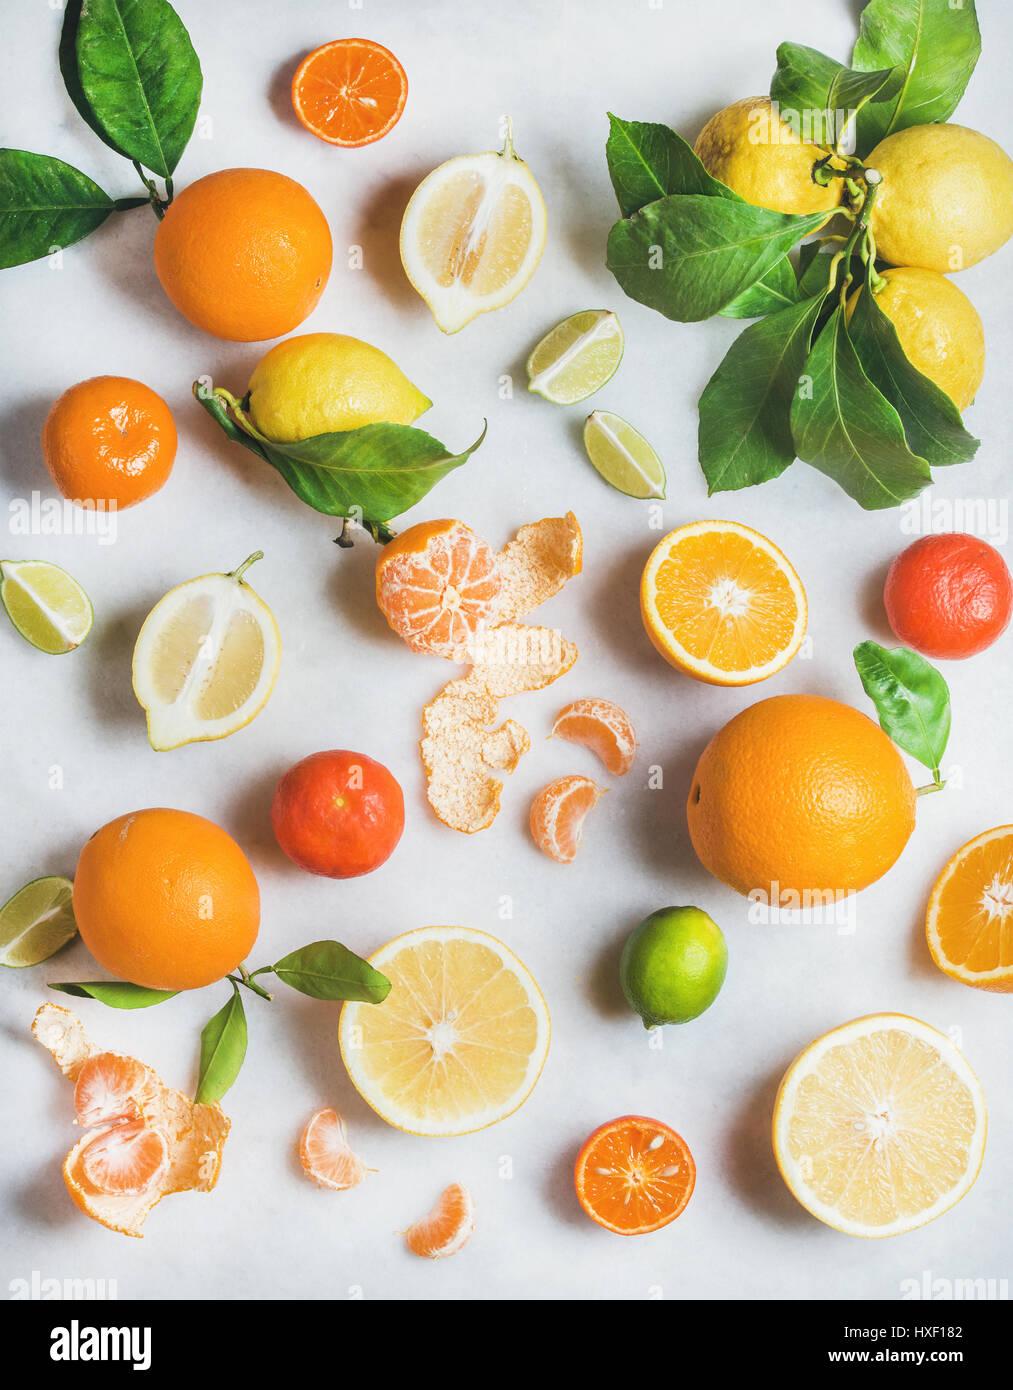 Vielzahl von frischen Zitrusfrüchten dafür gesunde smoothie Stockbild